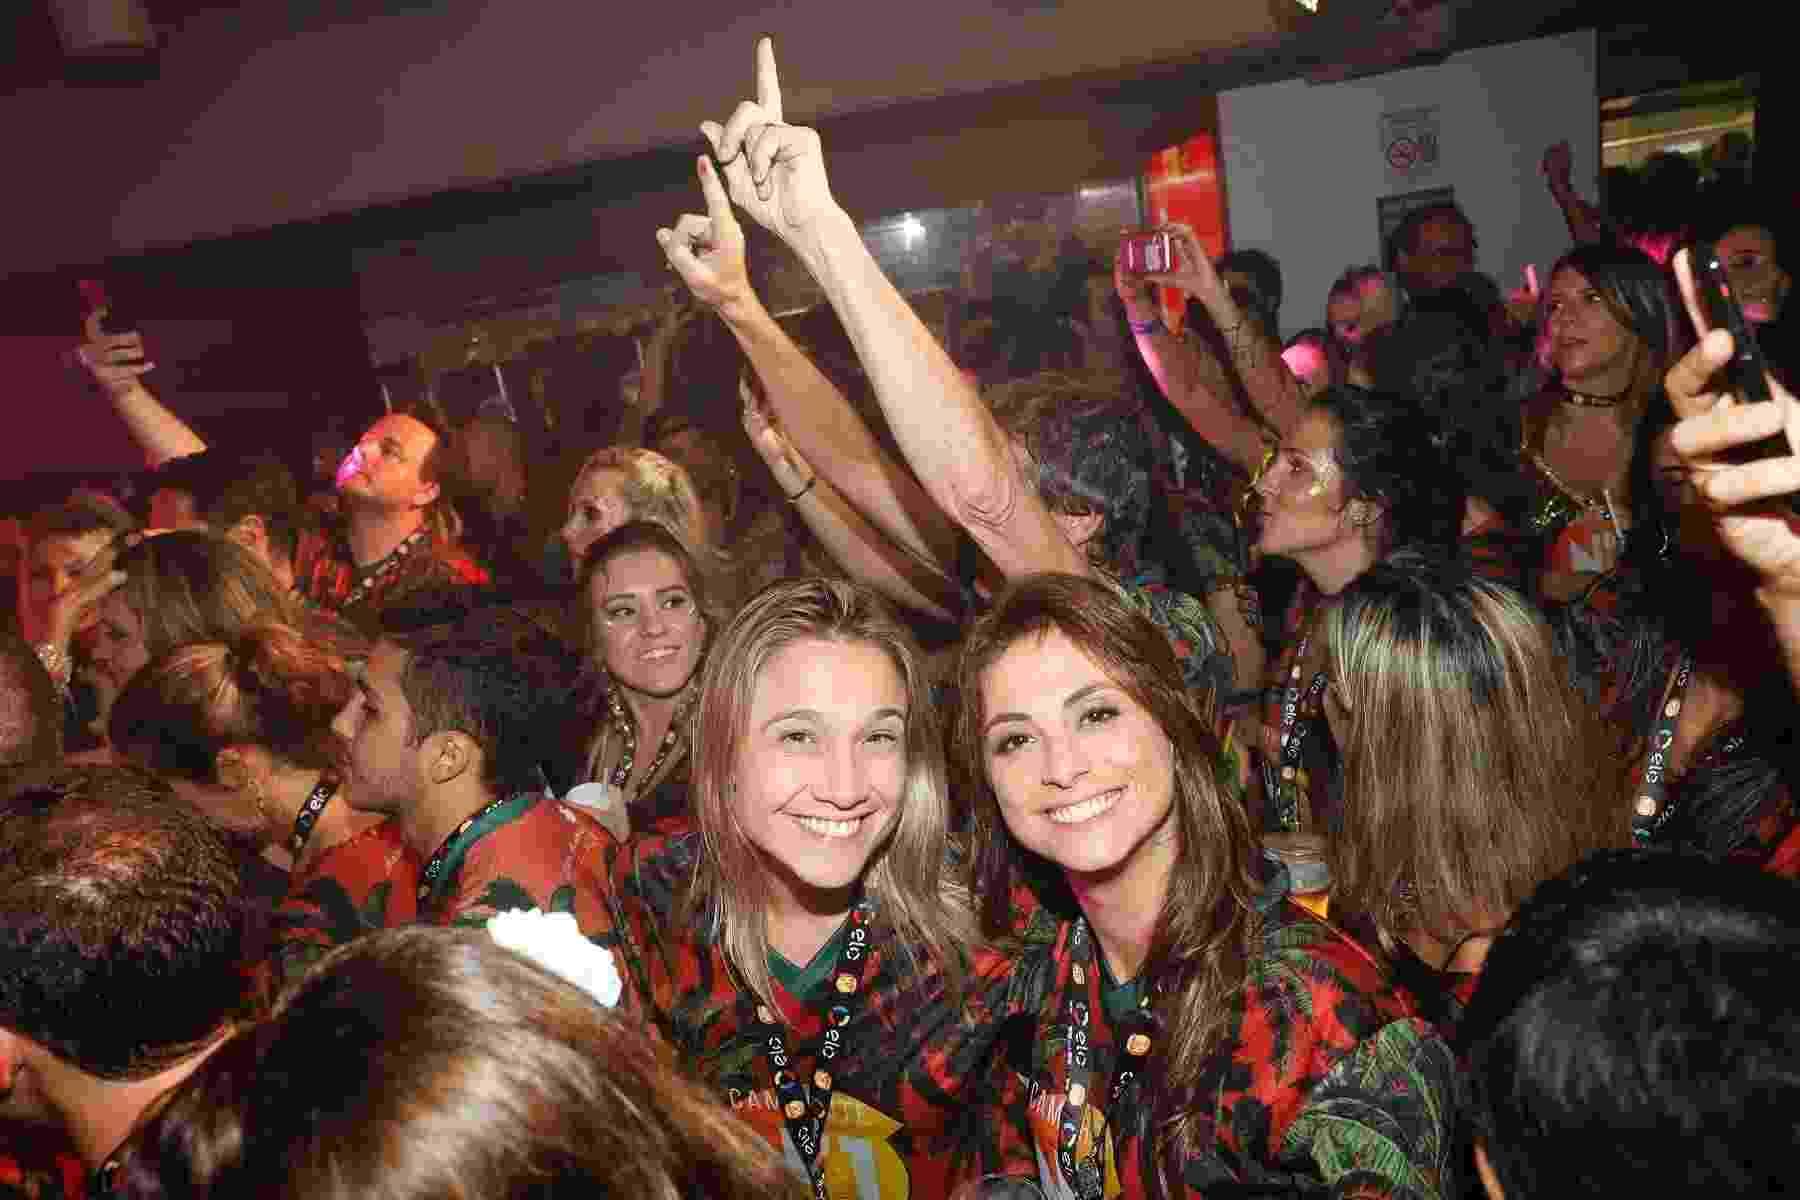 Fernanda Gentil e a namorada Priscila curtem a noite de domingo de Carnaval juntinhas na Sapucaí - Divulgação